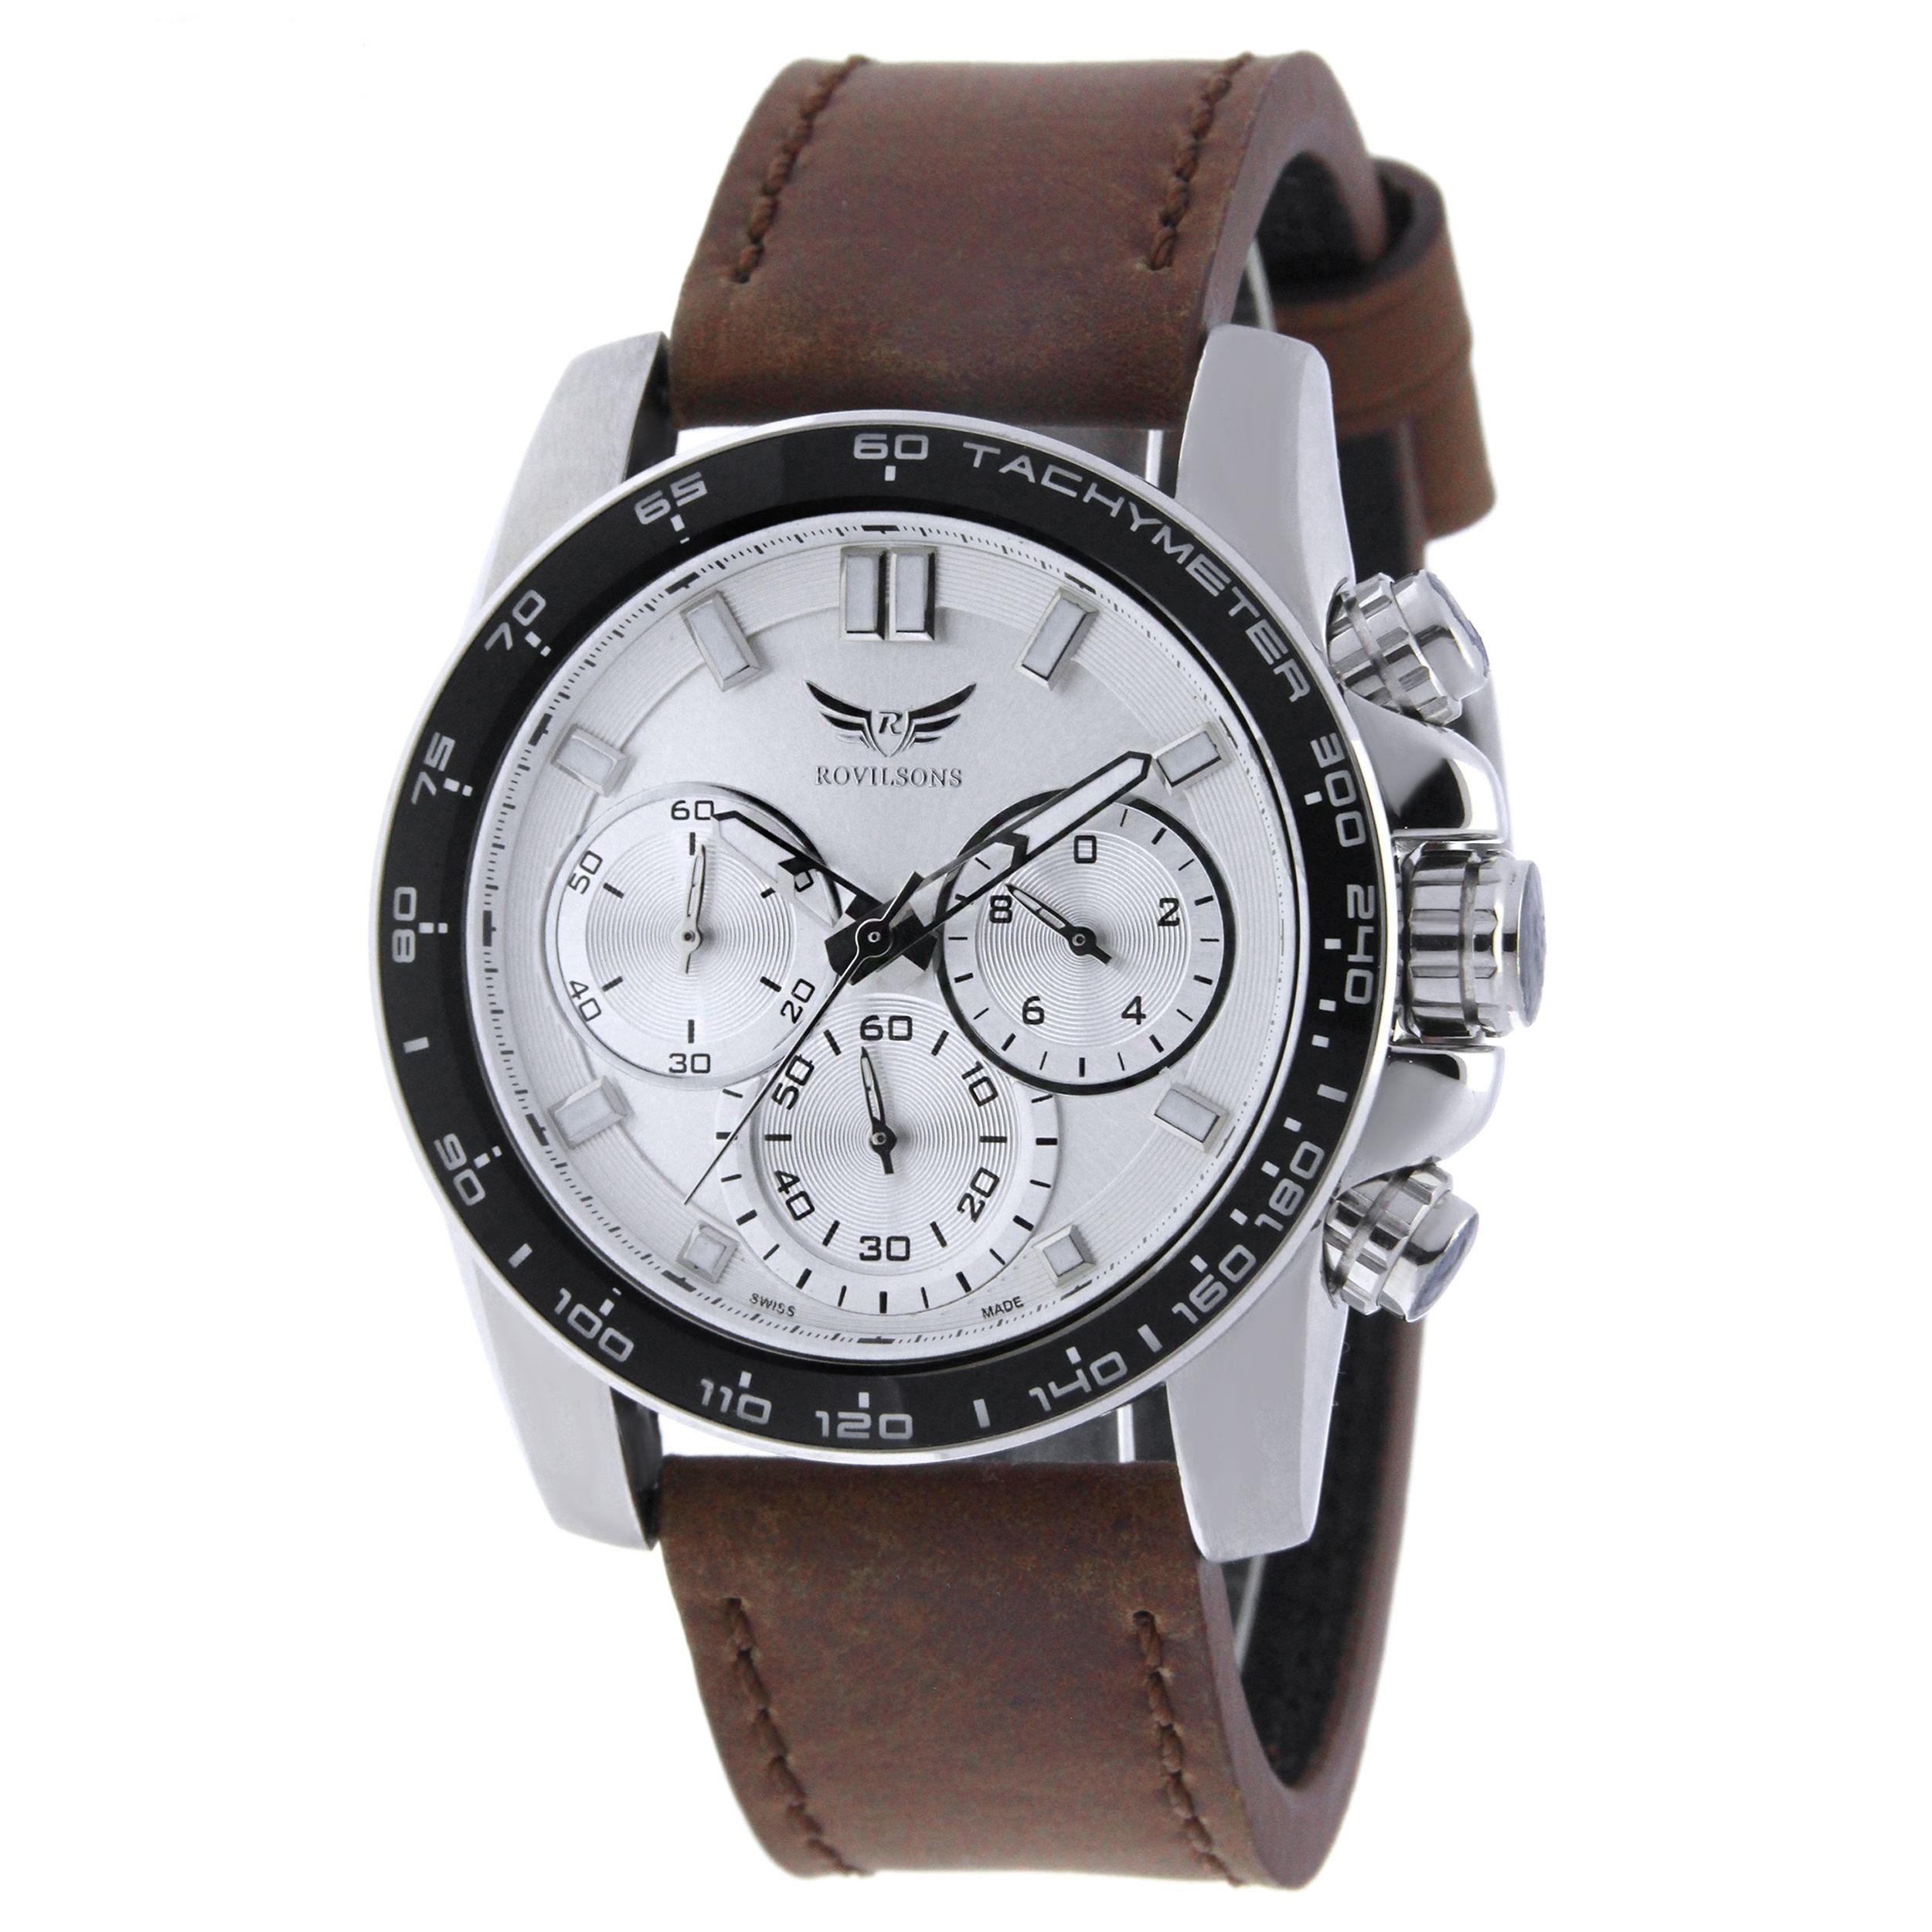 ساعت مچی عقربه ای مردانه راویلسون مدل RW-1058G-2 5